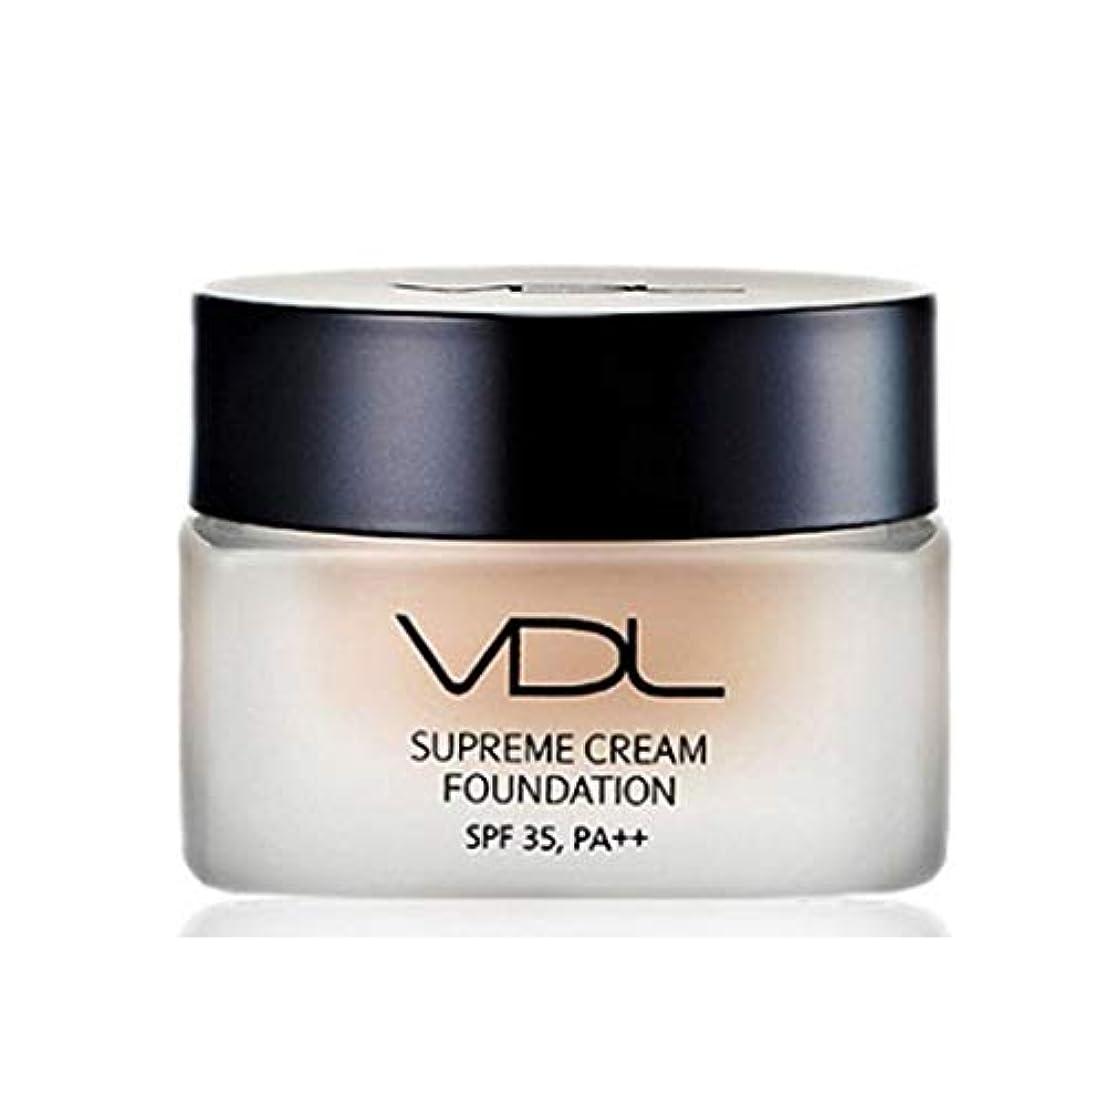 違反するホーム海上VDLスプリームクリームファンデーション30ml SPF35 PA++ 4色、VDL Supreme Cream Foundation 30ml SPF35 PA++ 4 Colors [並行輸入品] (A02)